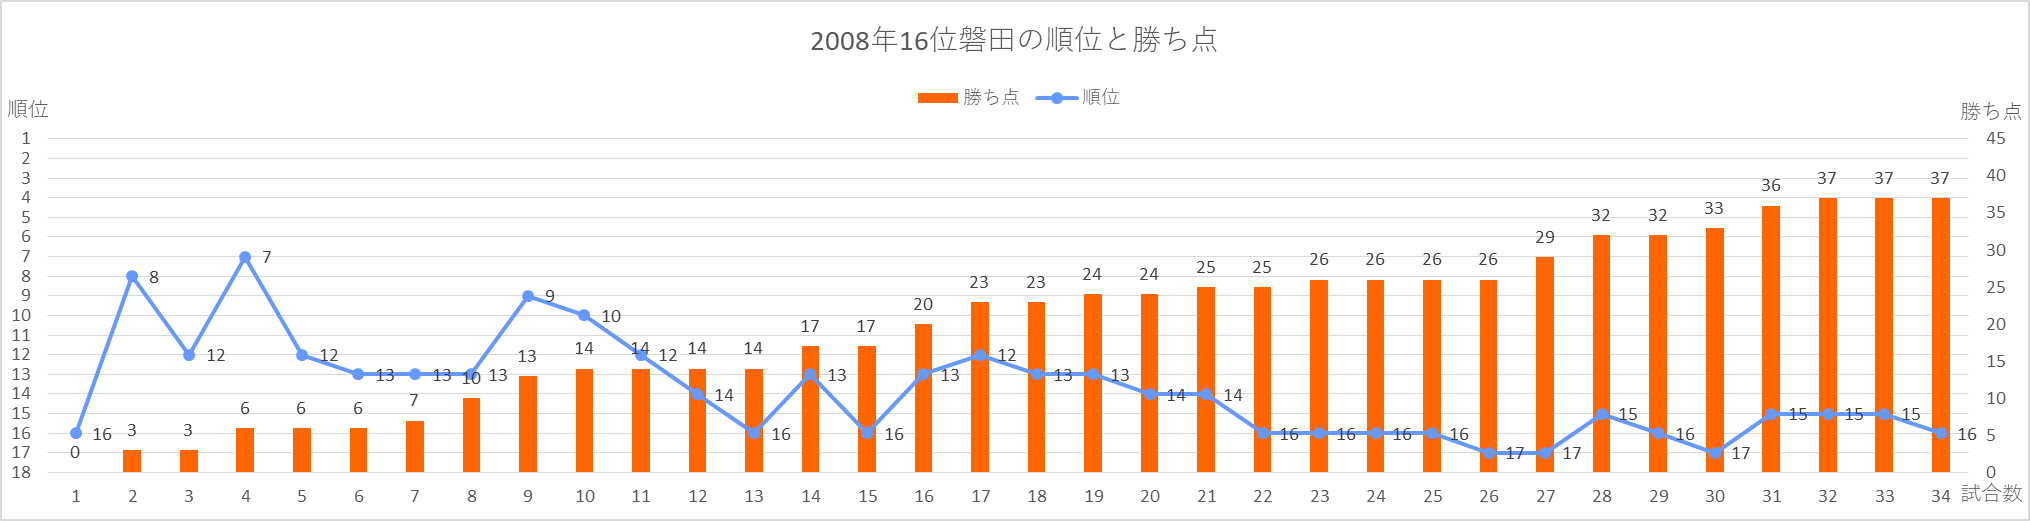 2008年磐田の順位と勝ち点の推移